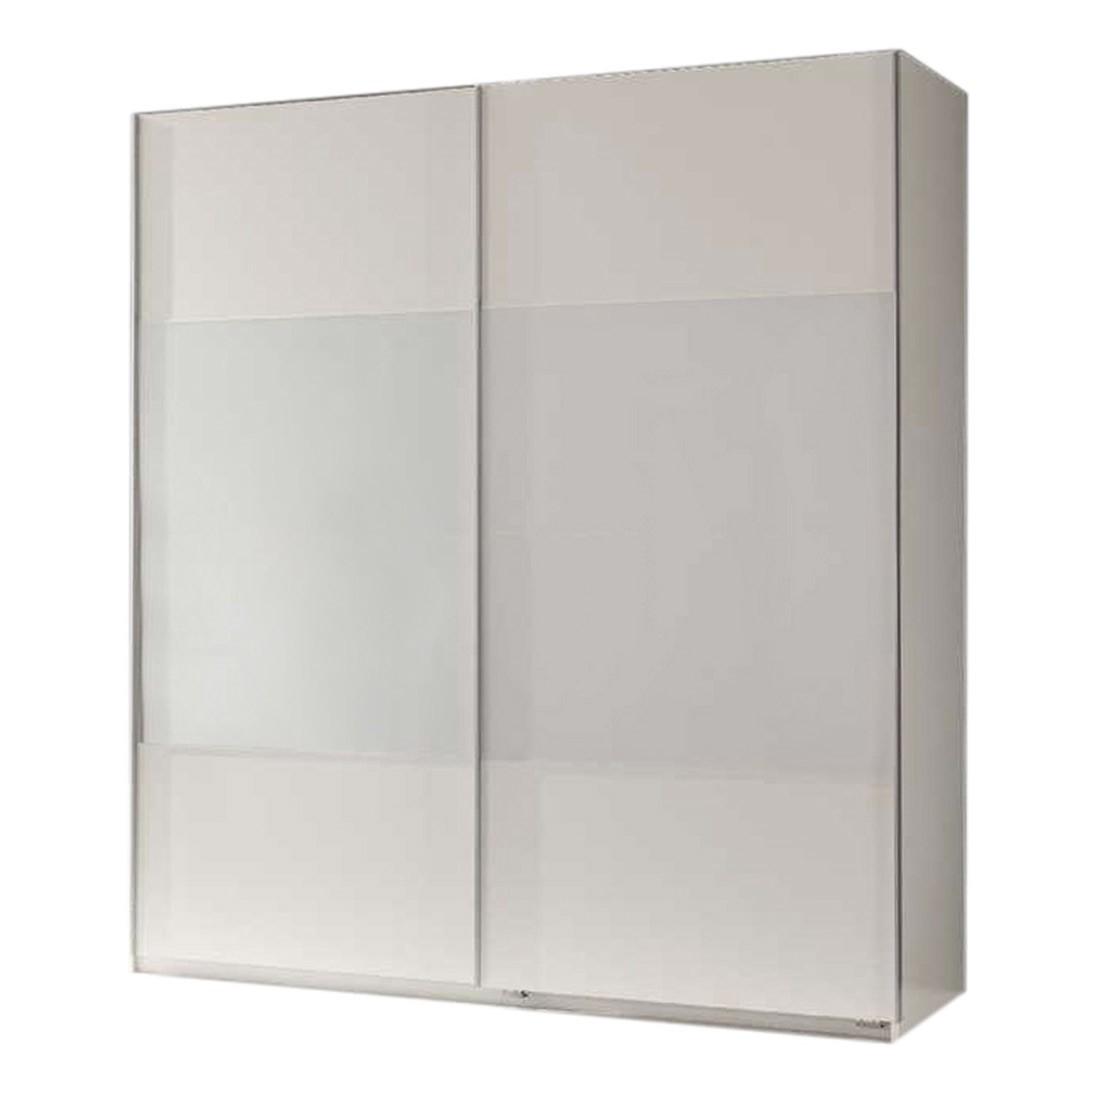 Armoire à portes coulissantes Alpine - Blanc alpin / verre blanc, Wimex